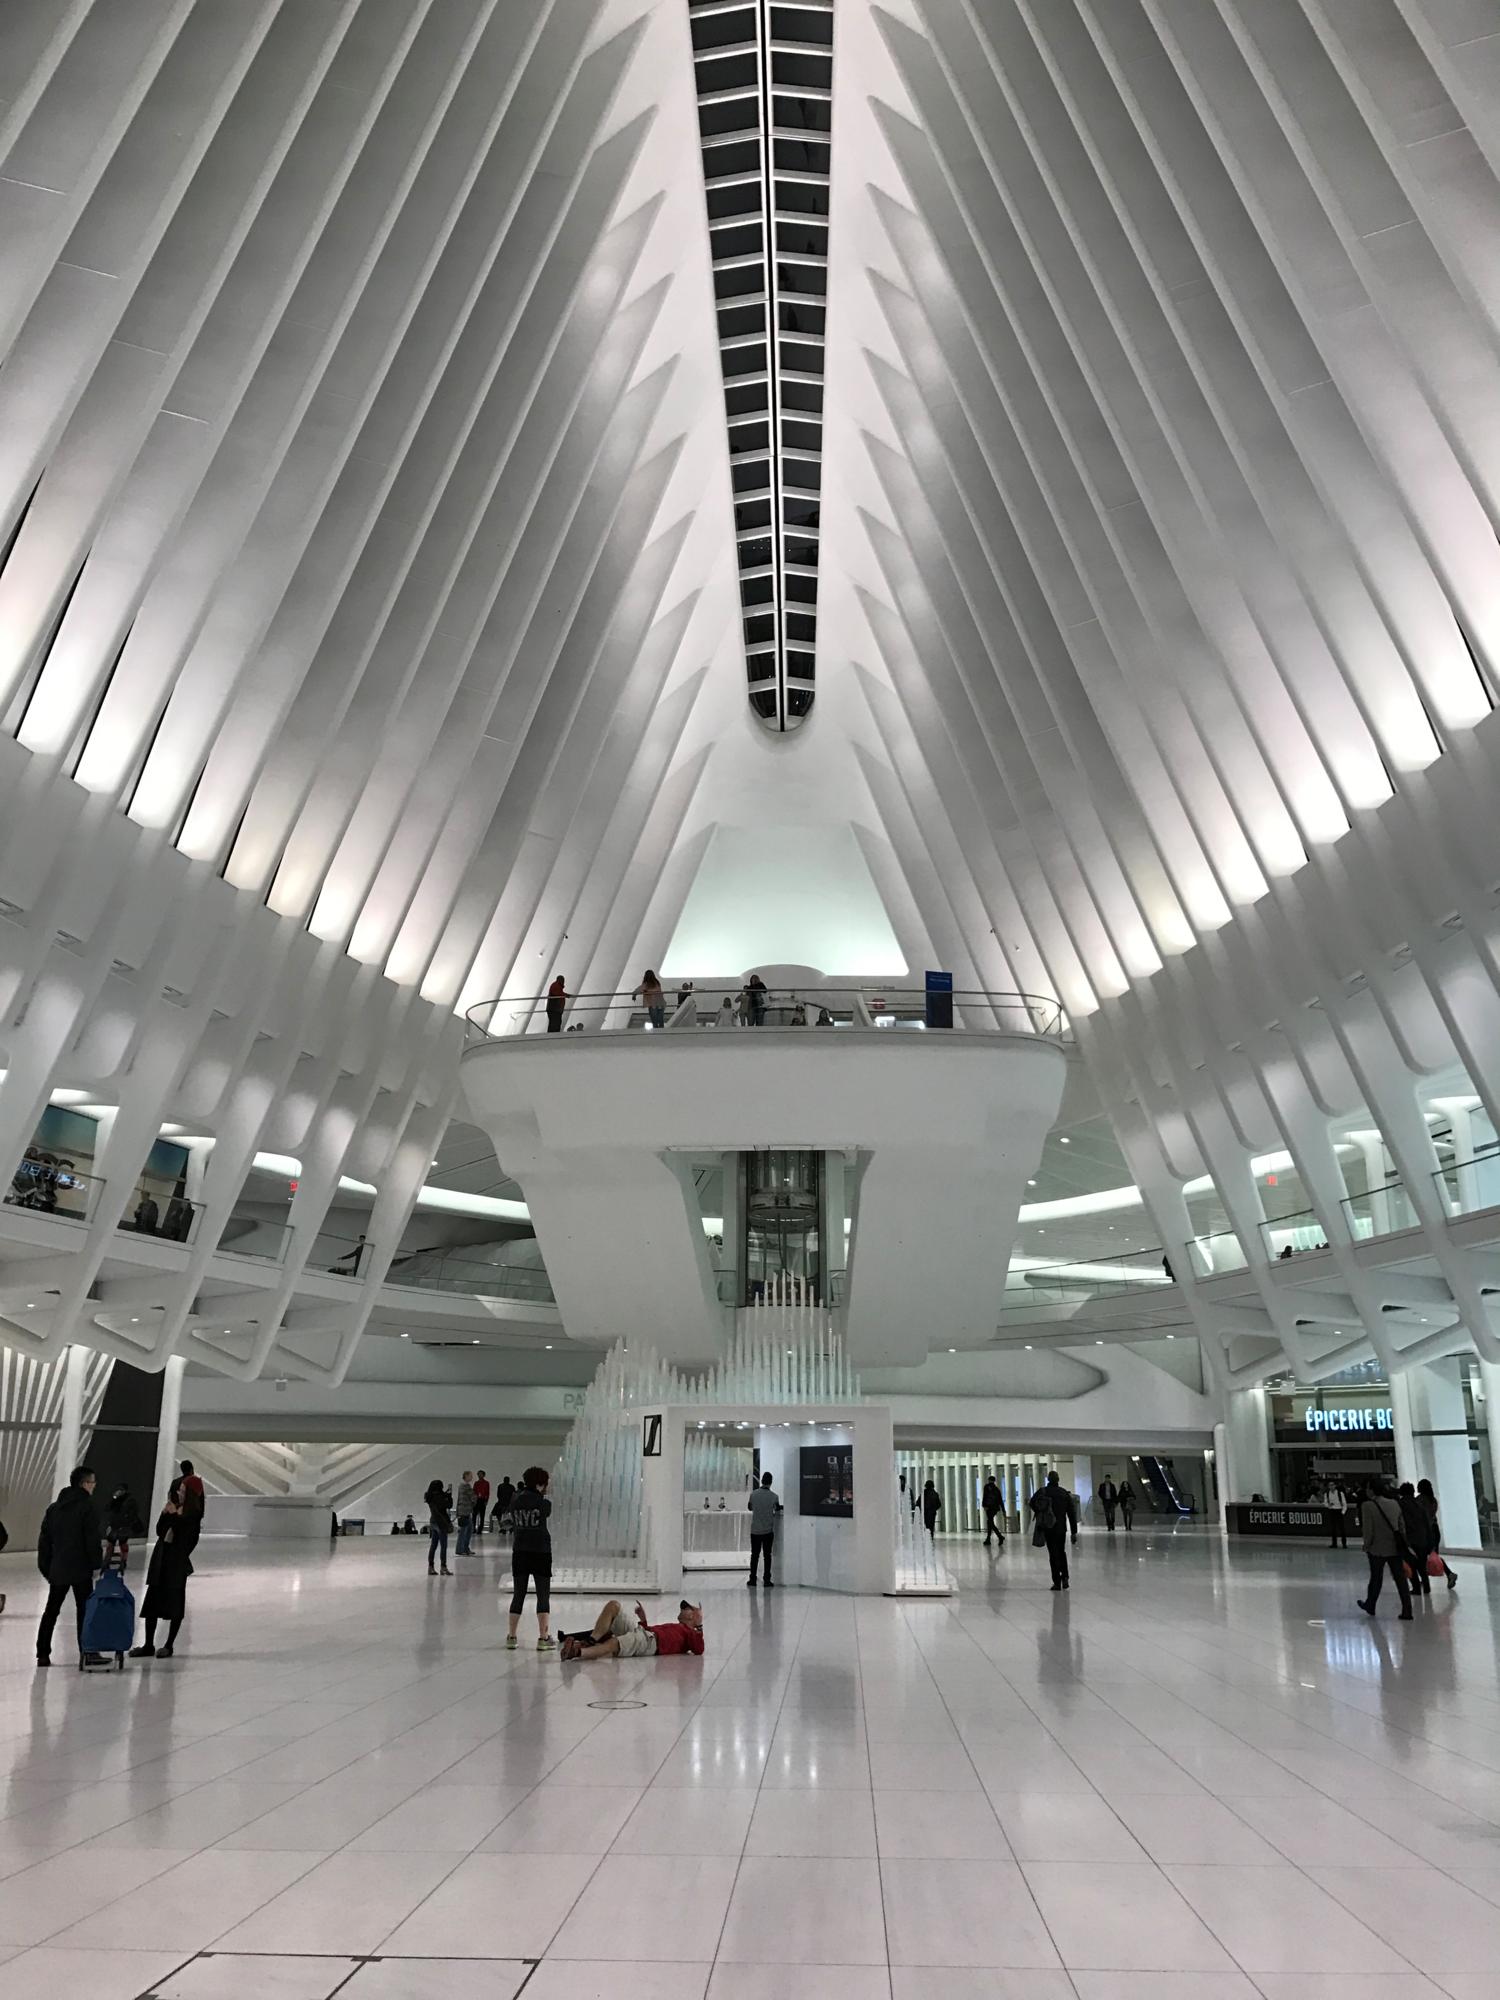 WORLD TRADE CENTER STATION New York, NY 10007